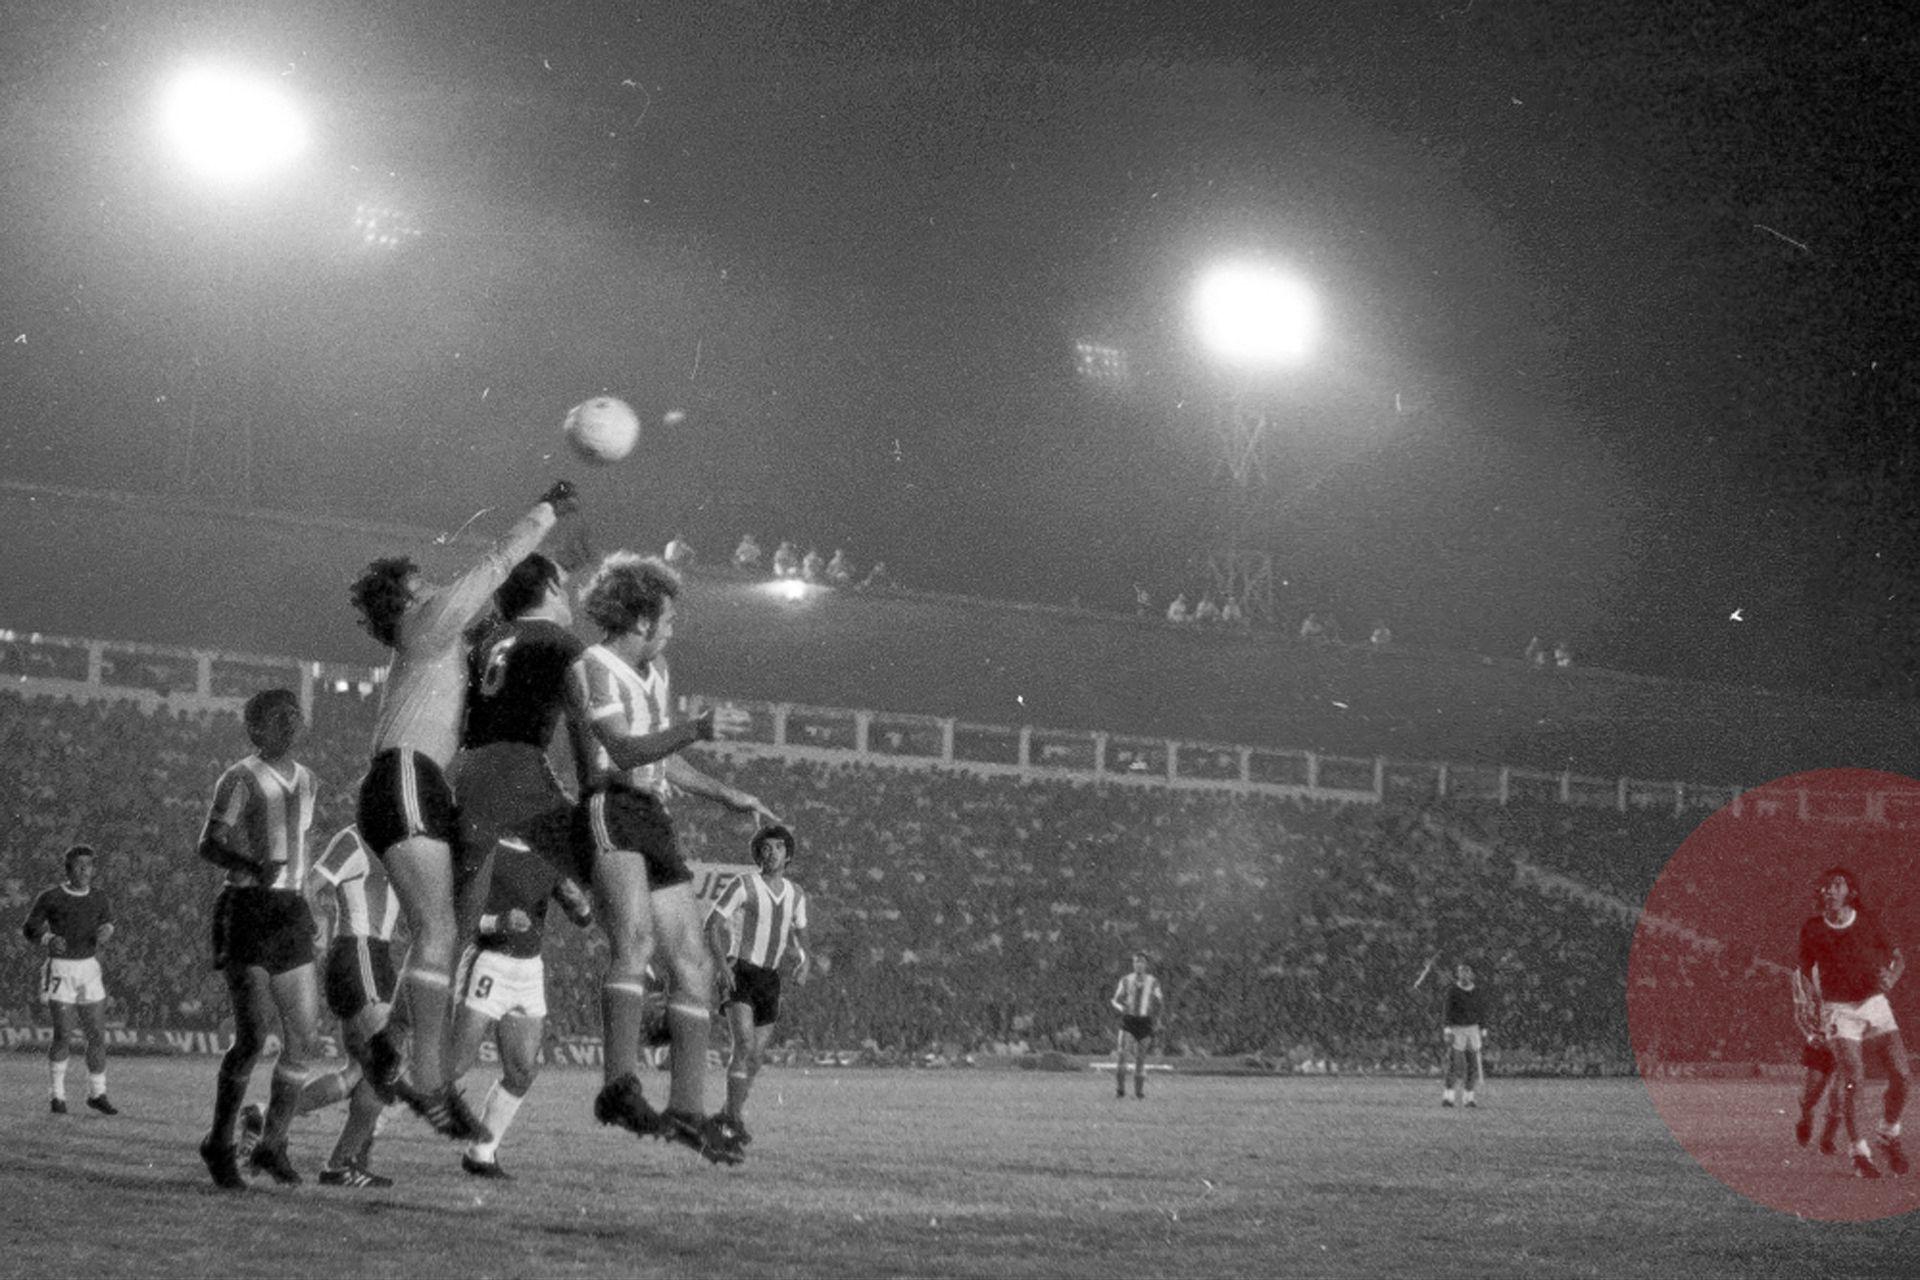 Casi no hay fotos de Carlovich en aquel recordado partido de la selección en 1974; aquí, en una pelota parada, como protagonista secundario